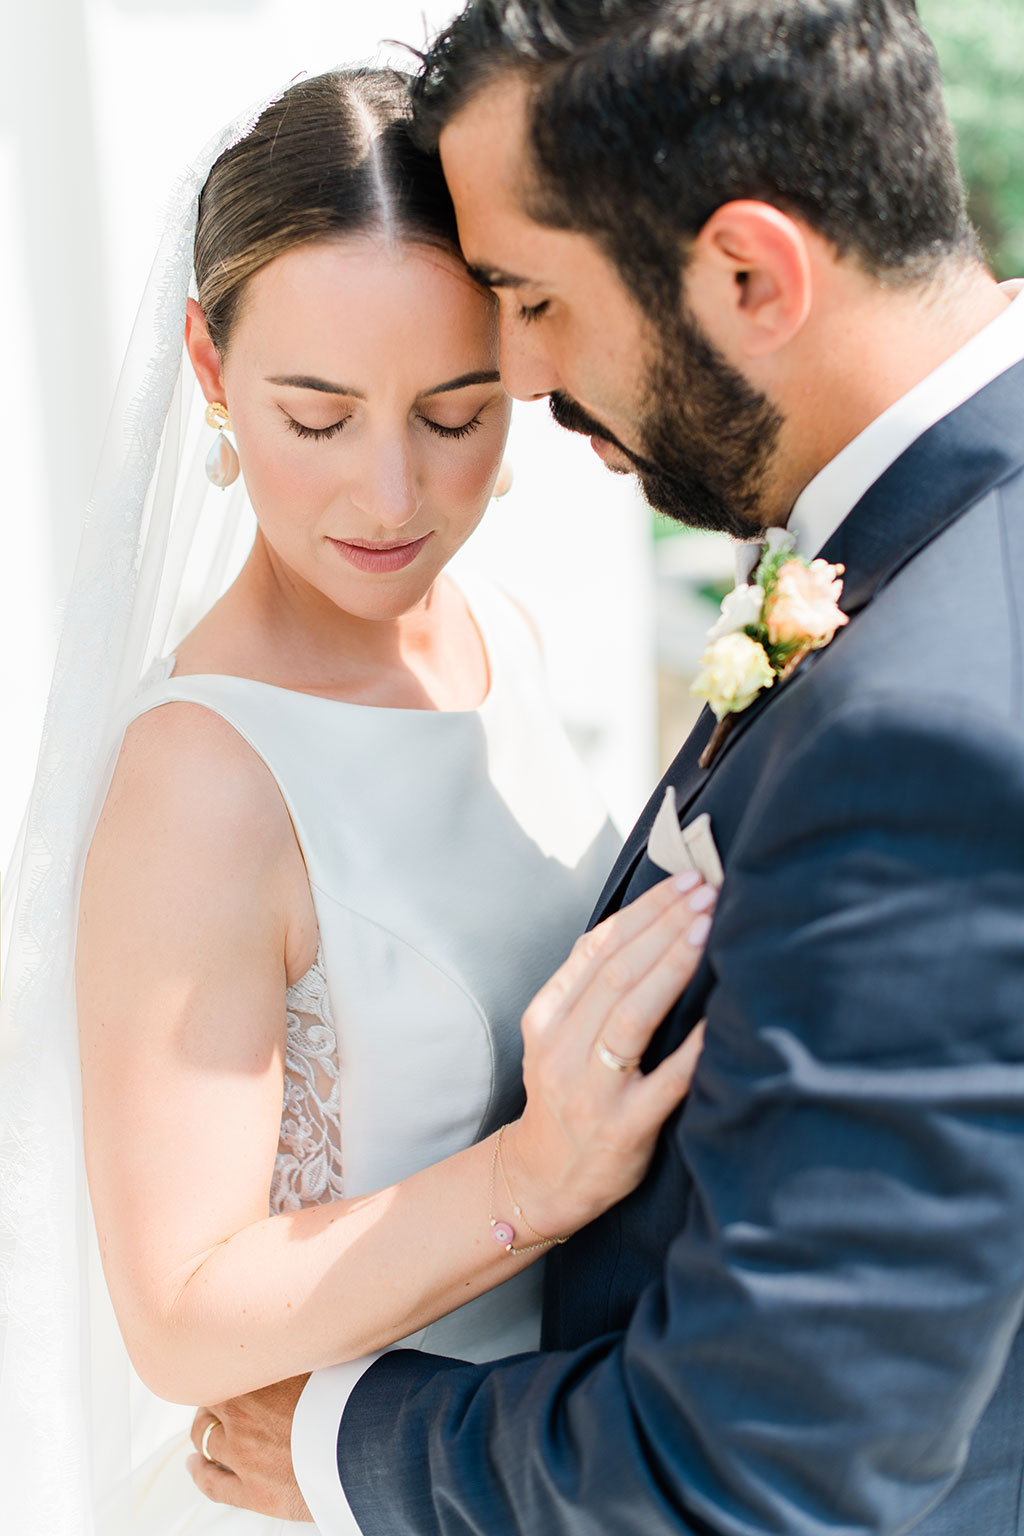 Φωτογράφος γάμου Χαλκιδική, next day shooting, φωτογράφιση επόμενης ημέρας